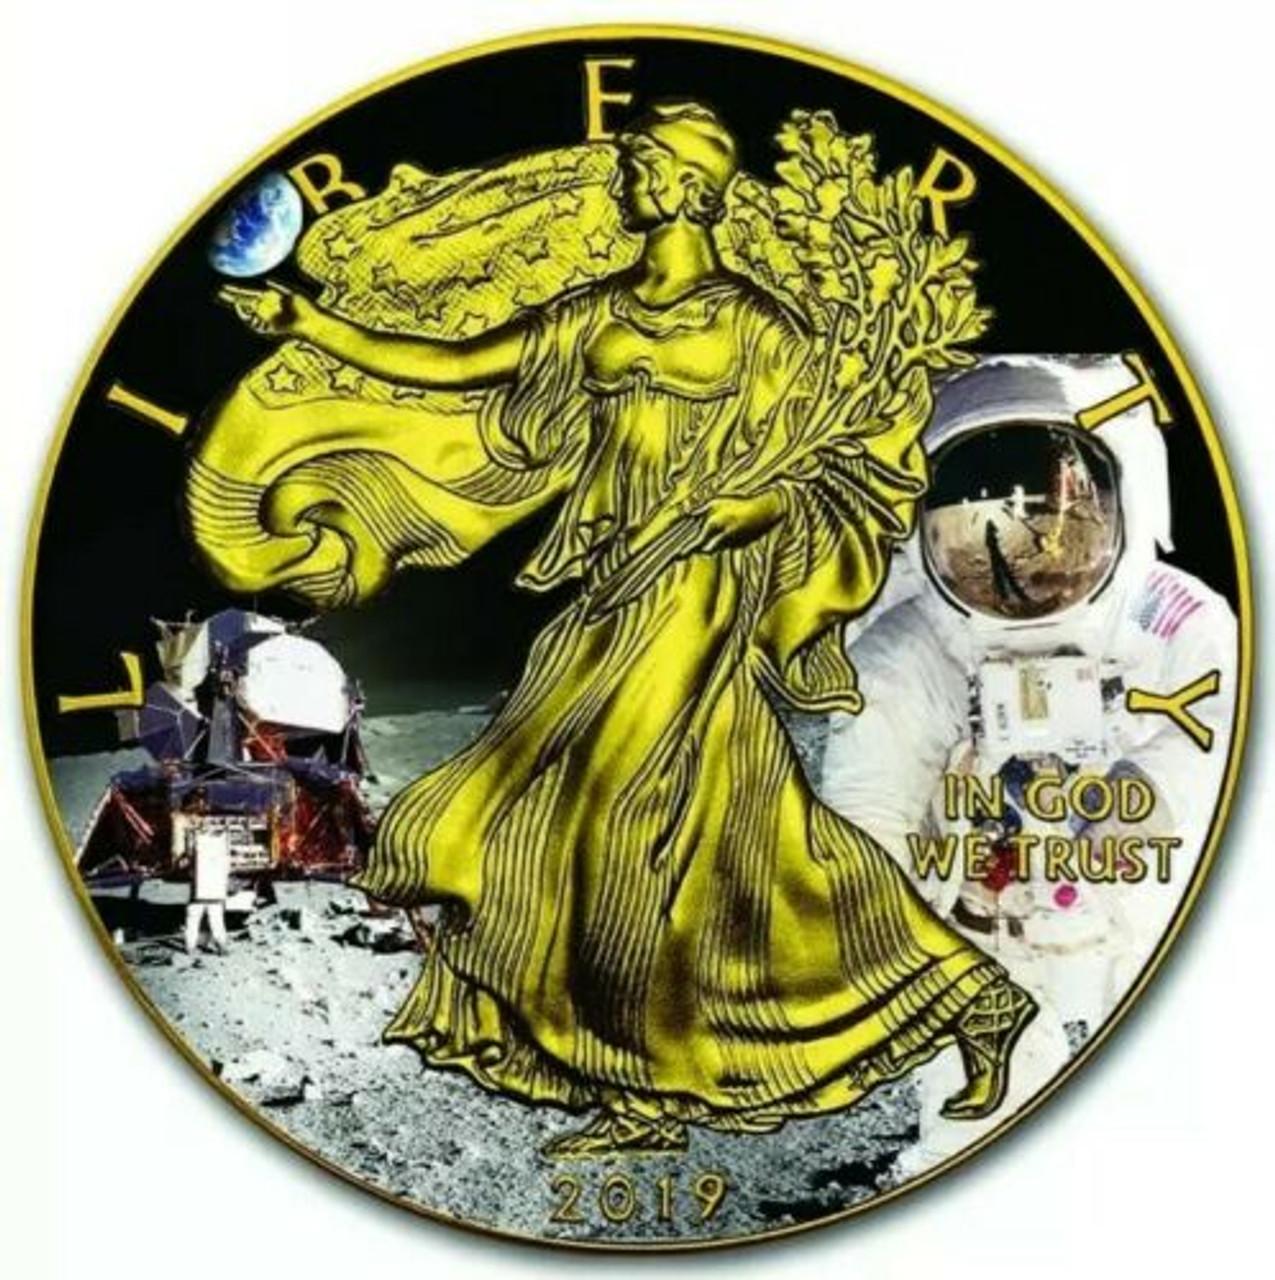 2019 1 Oz Silver $1 APOLLO 11 MOON LANDING EAGLE Ruthenium Coin.